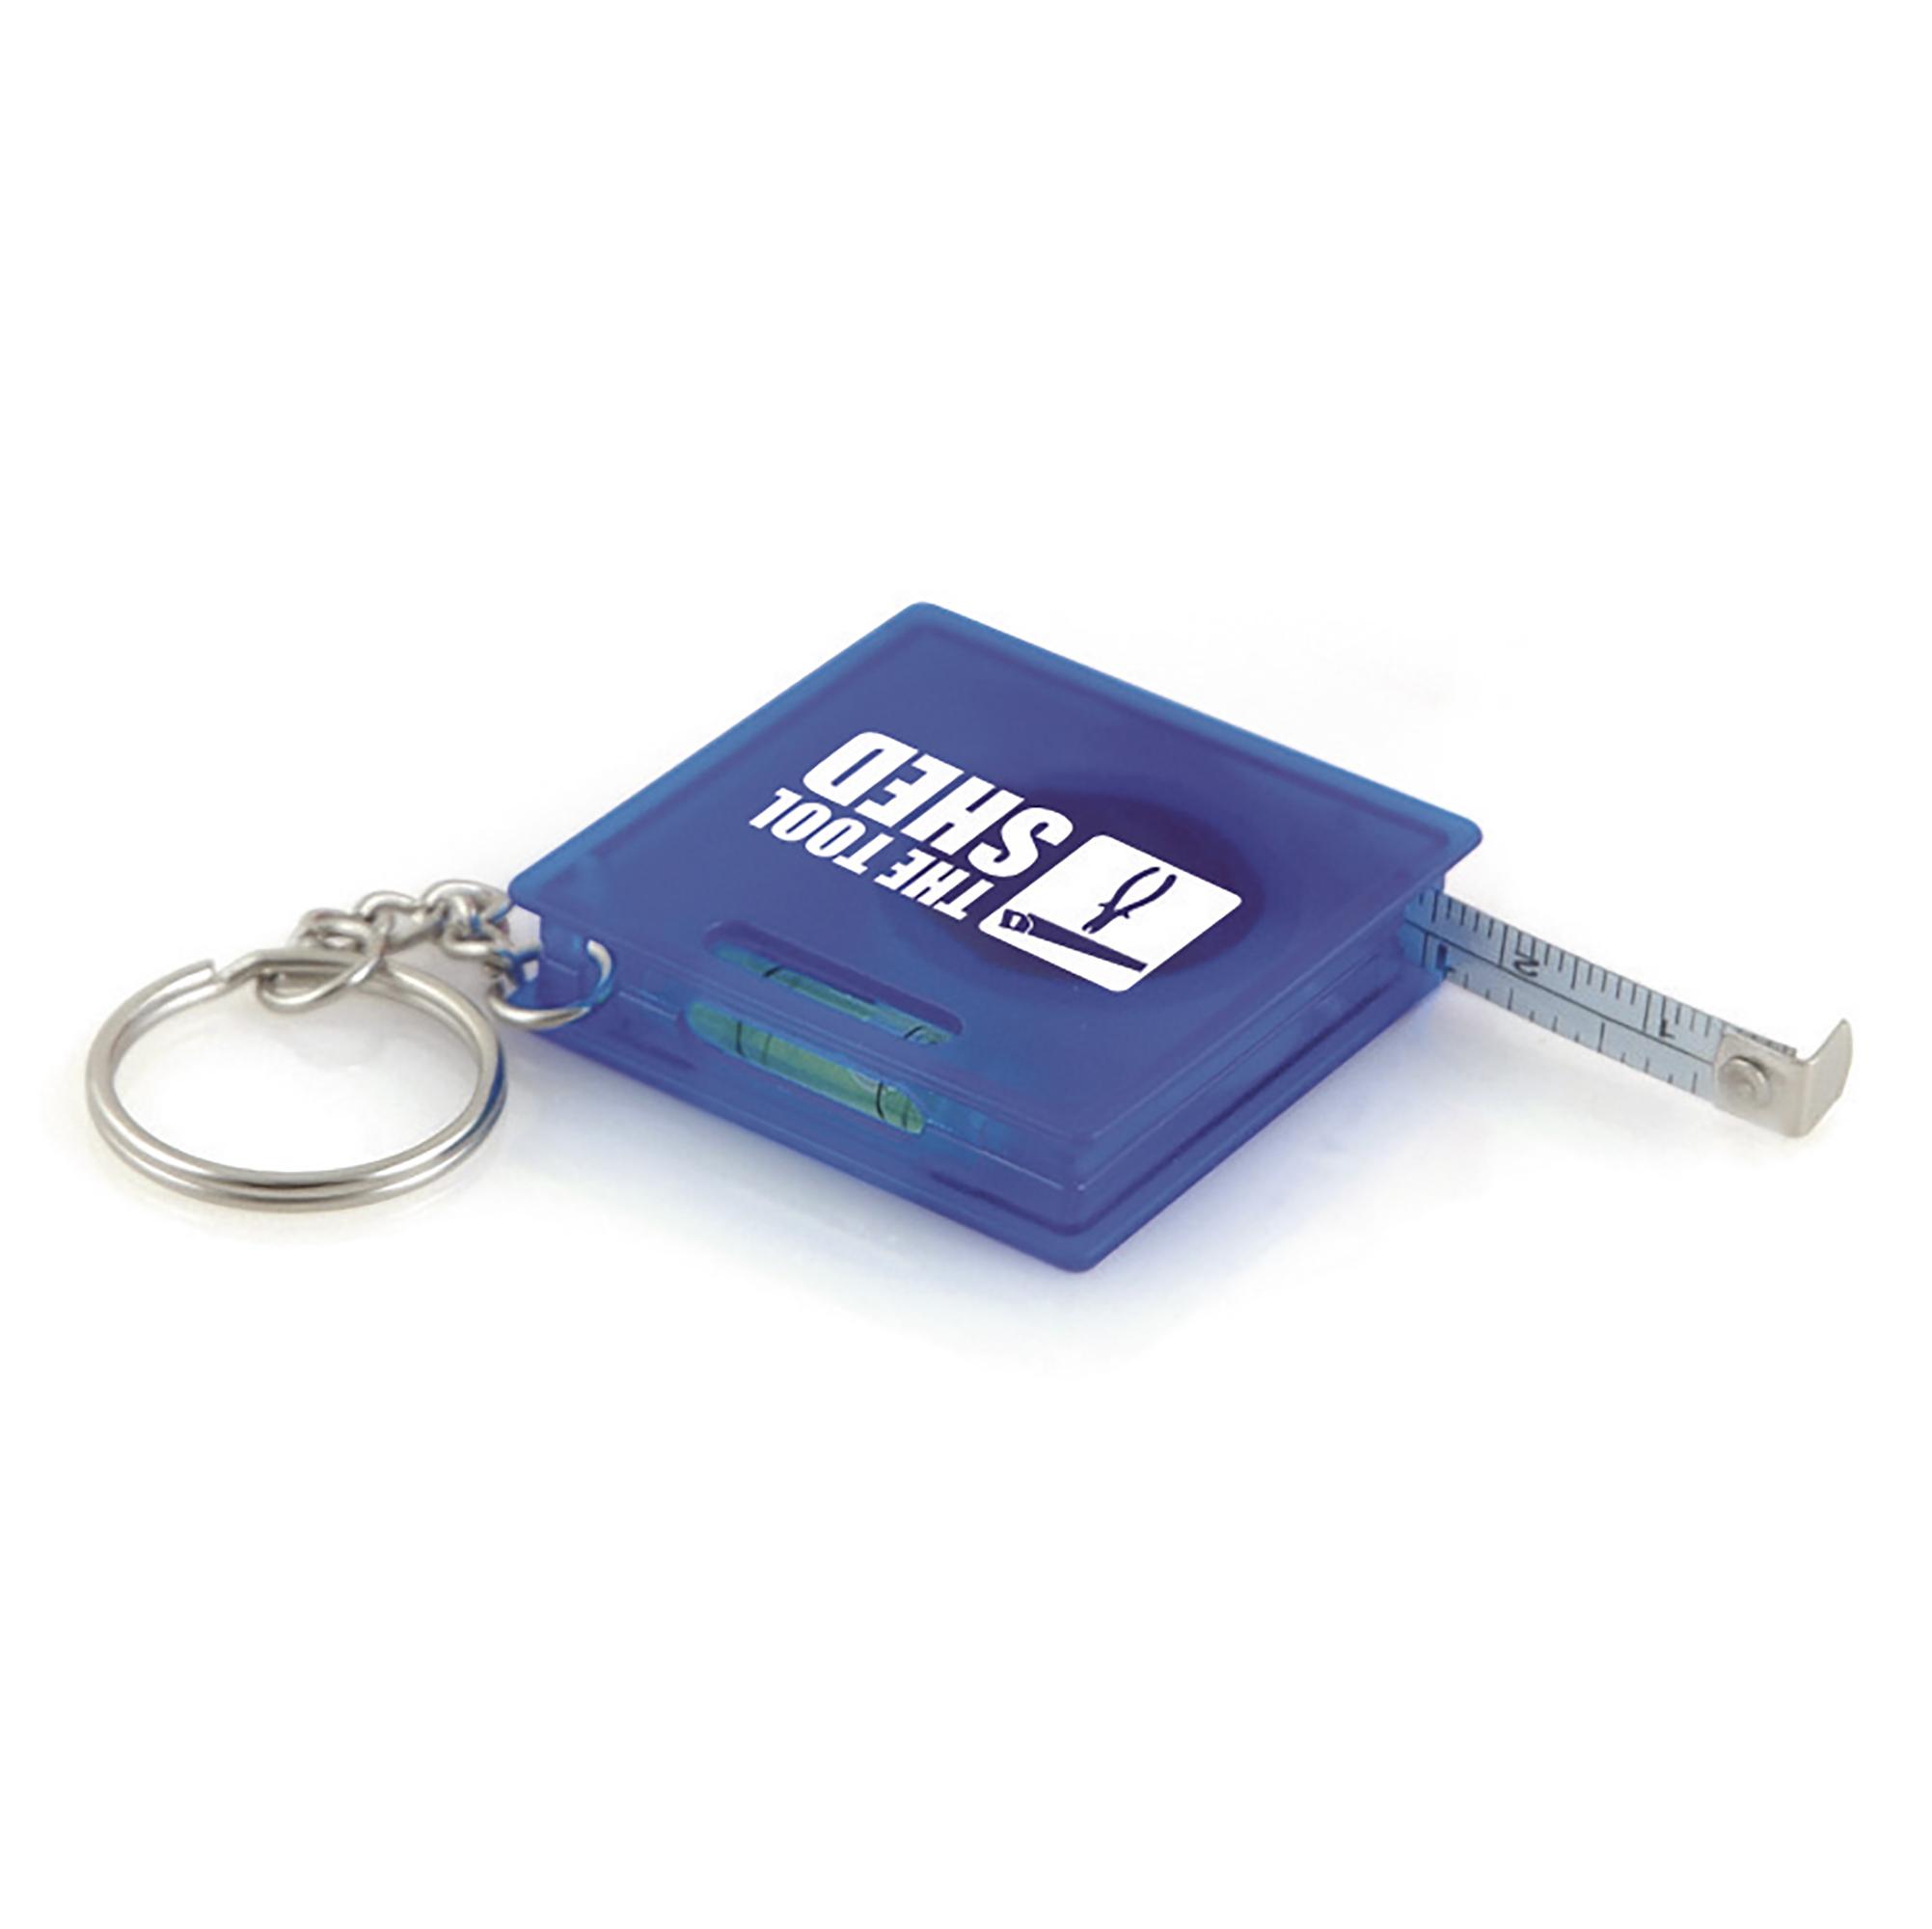 Promotional Skillet 1M Tape Measure Keyring